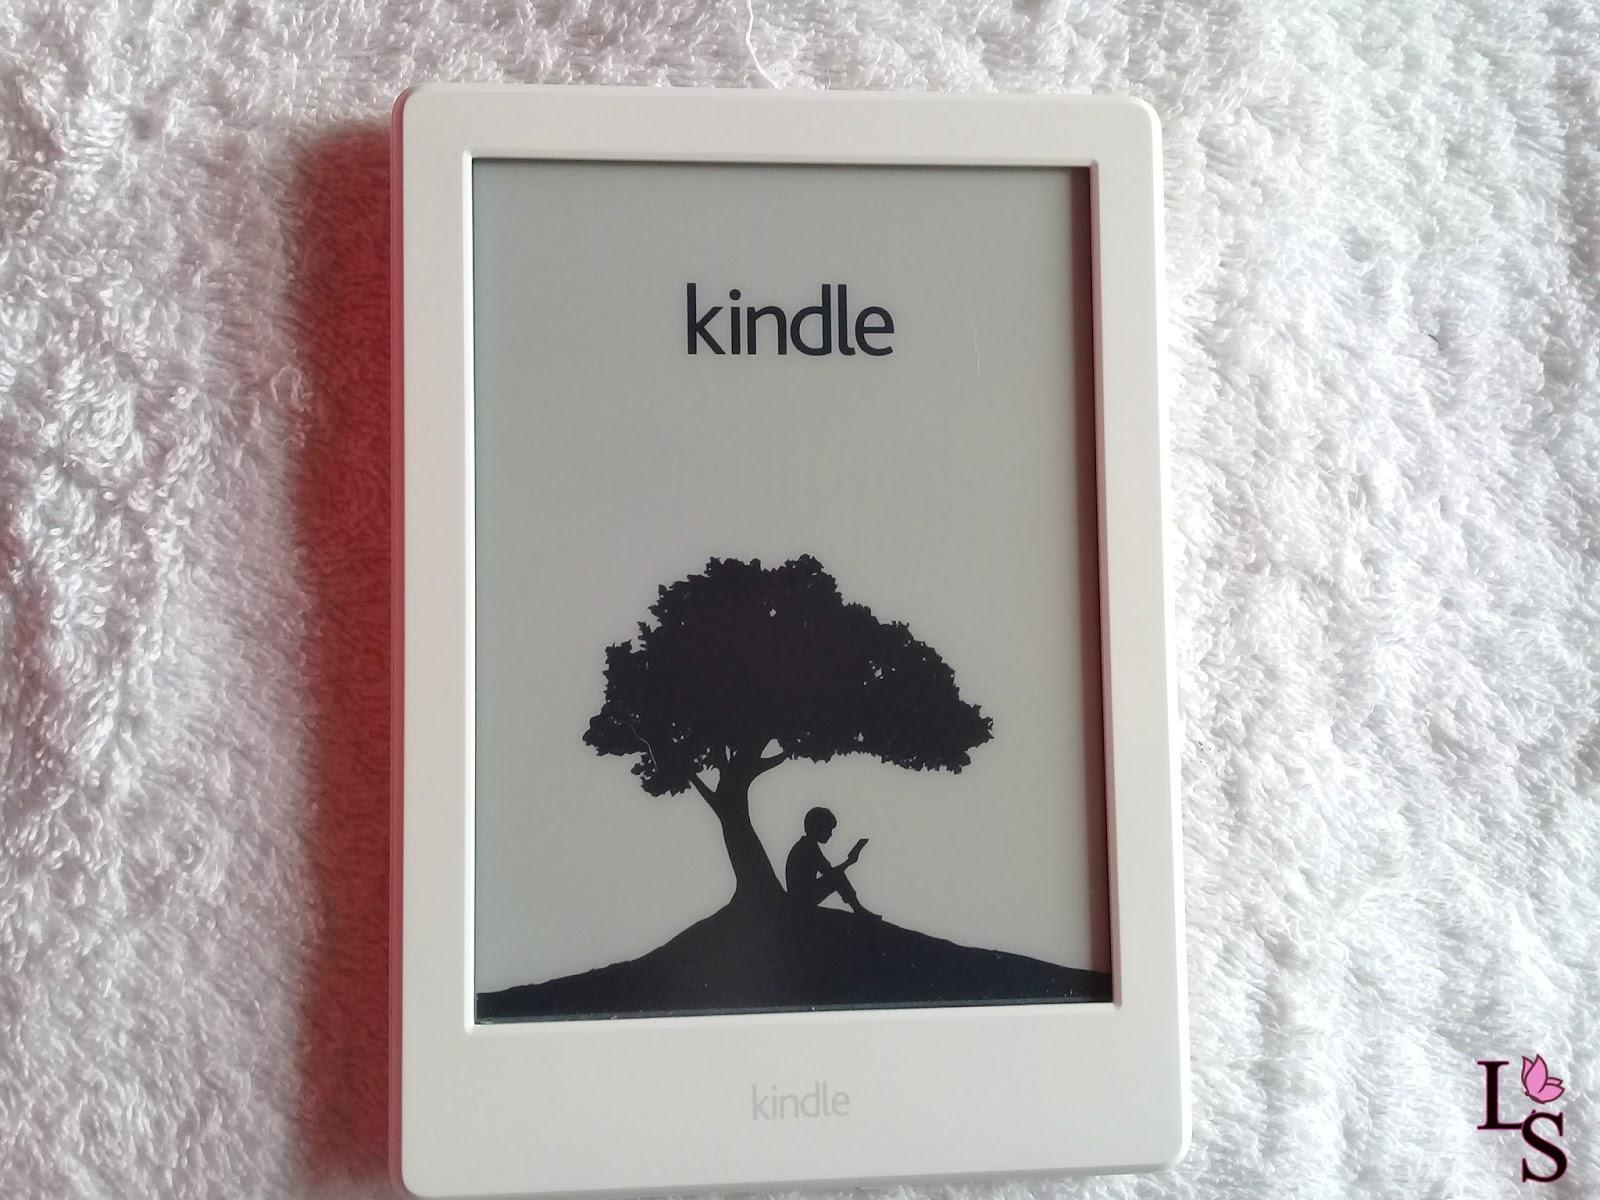 Comprar ou não comprar o Kindle?